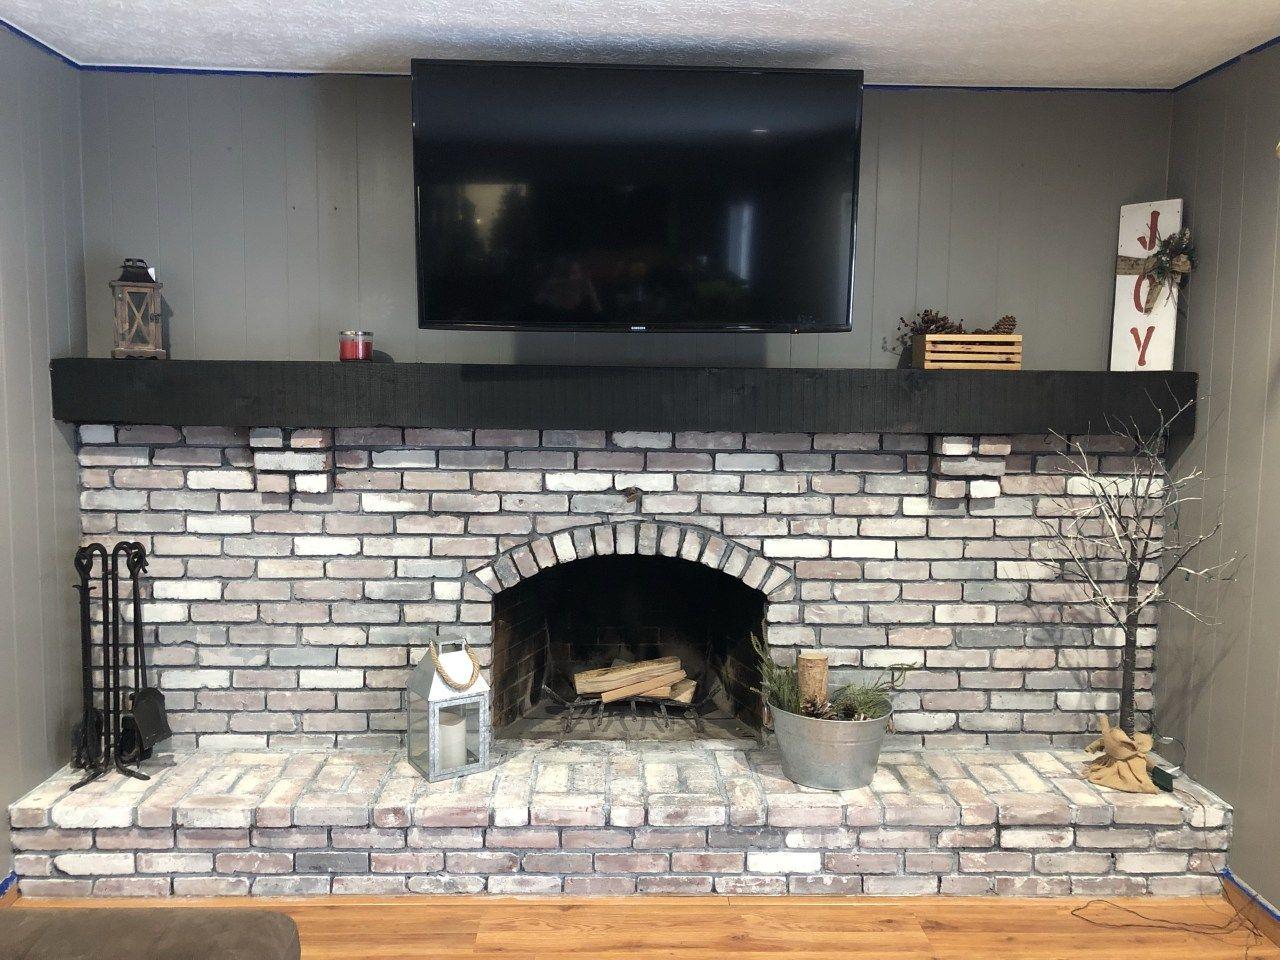 Diy Whitewash Brick Fireplace With Images White Wash Brick